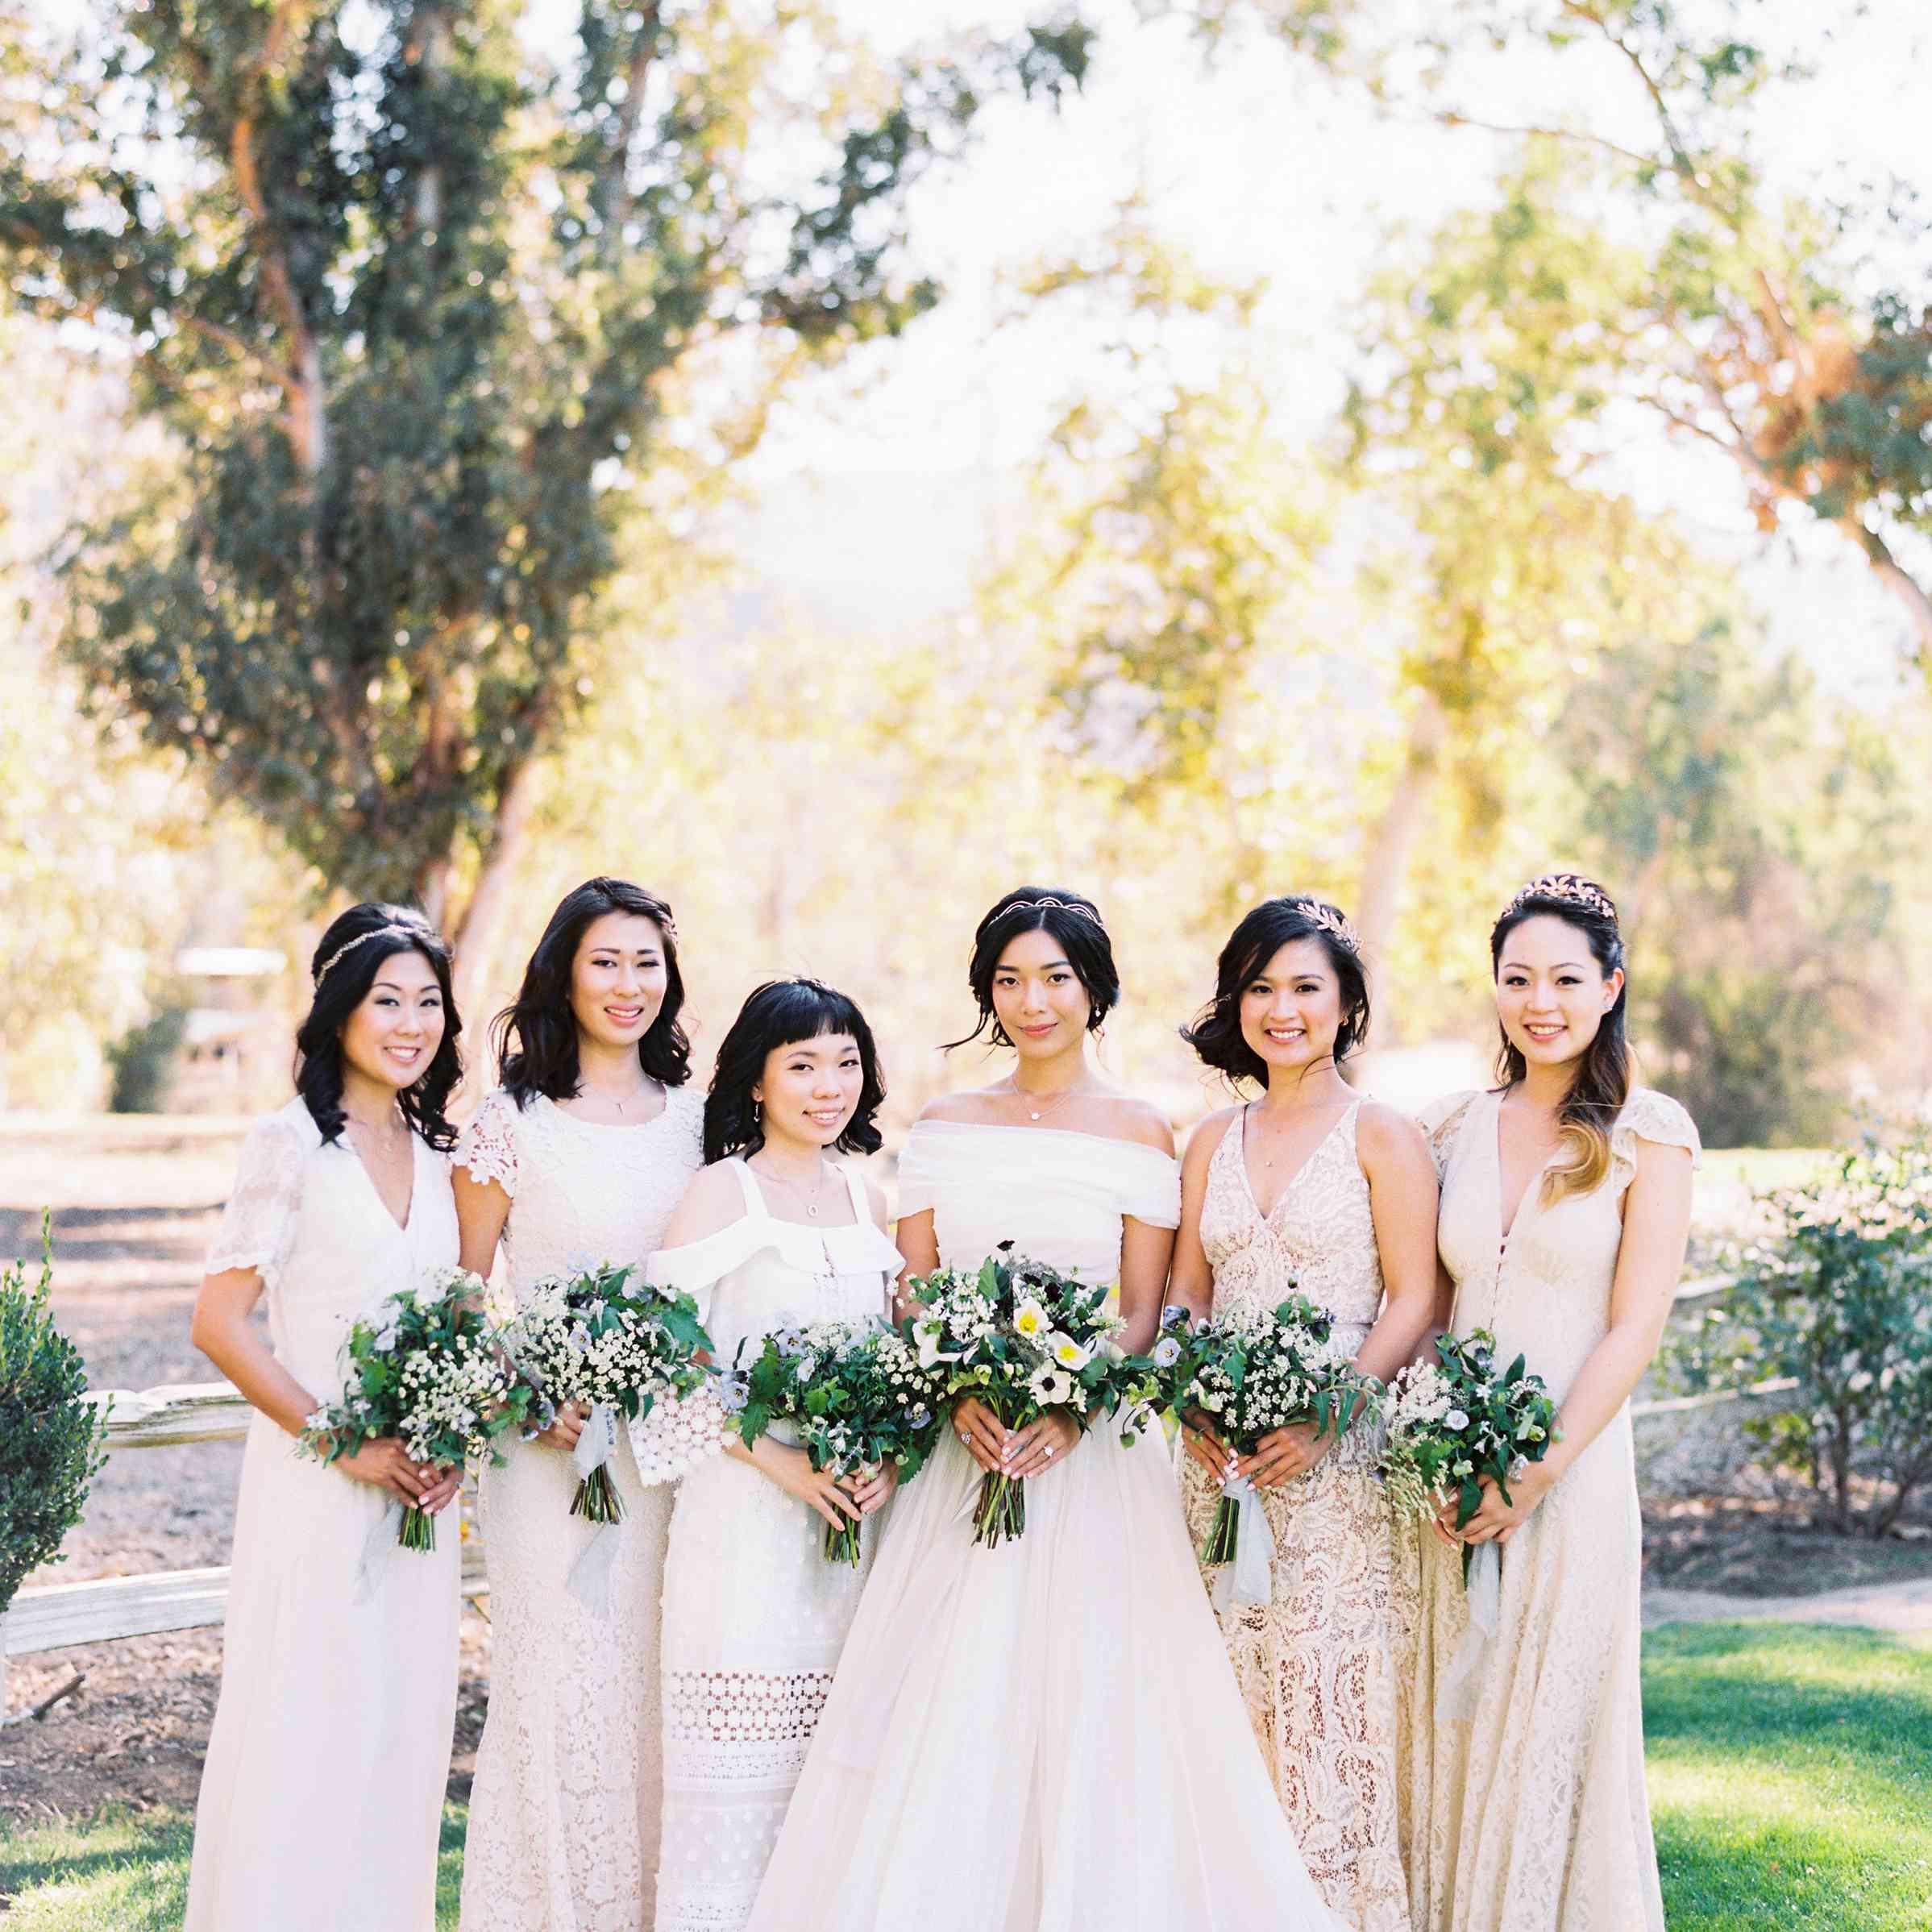 Bride With Bridesmaids in Cream Dresses